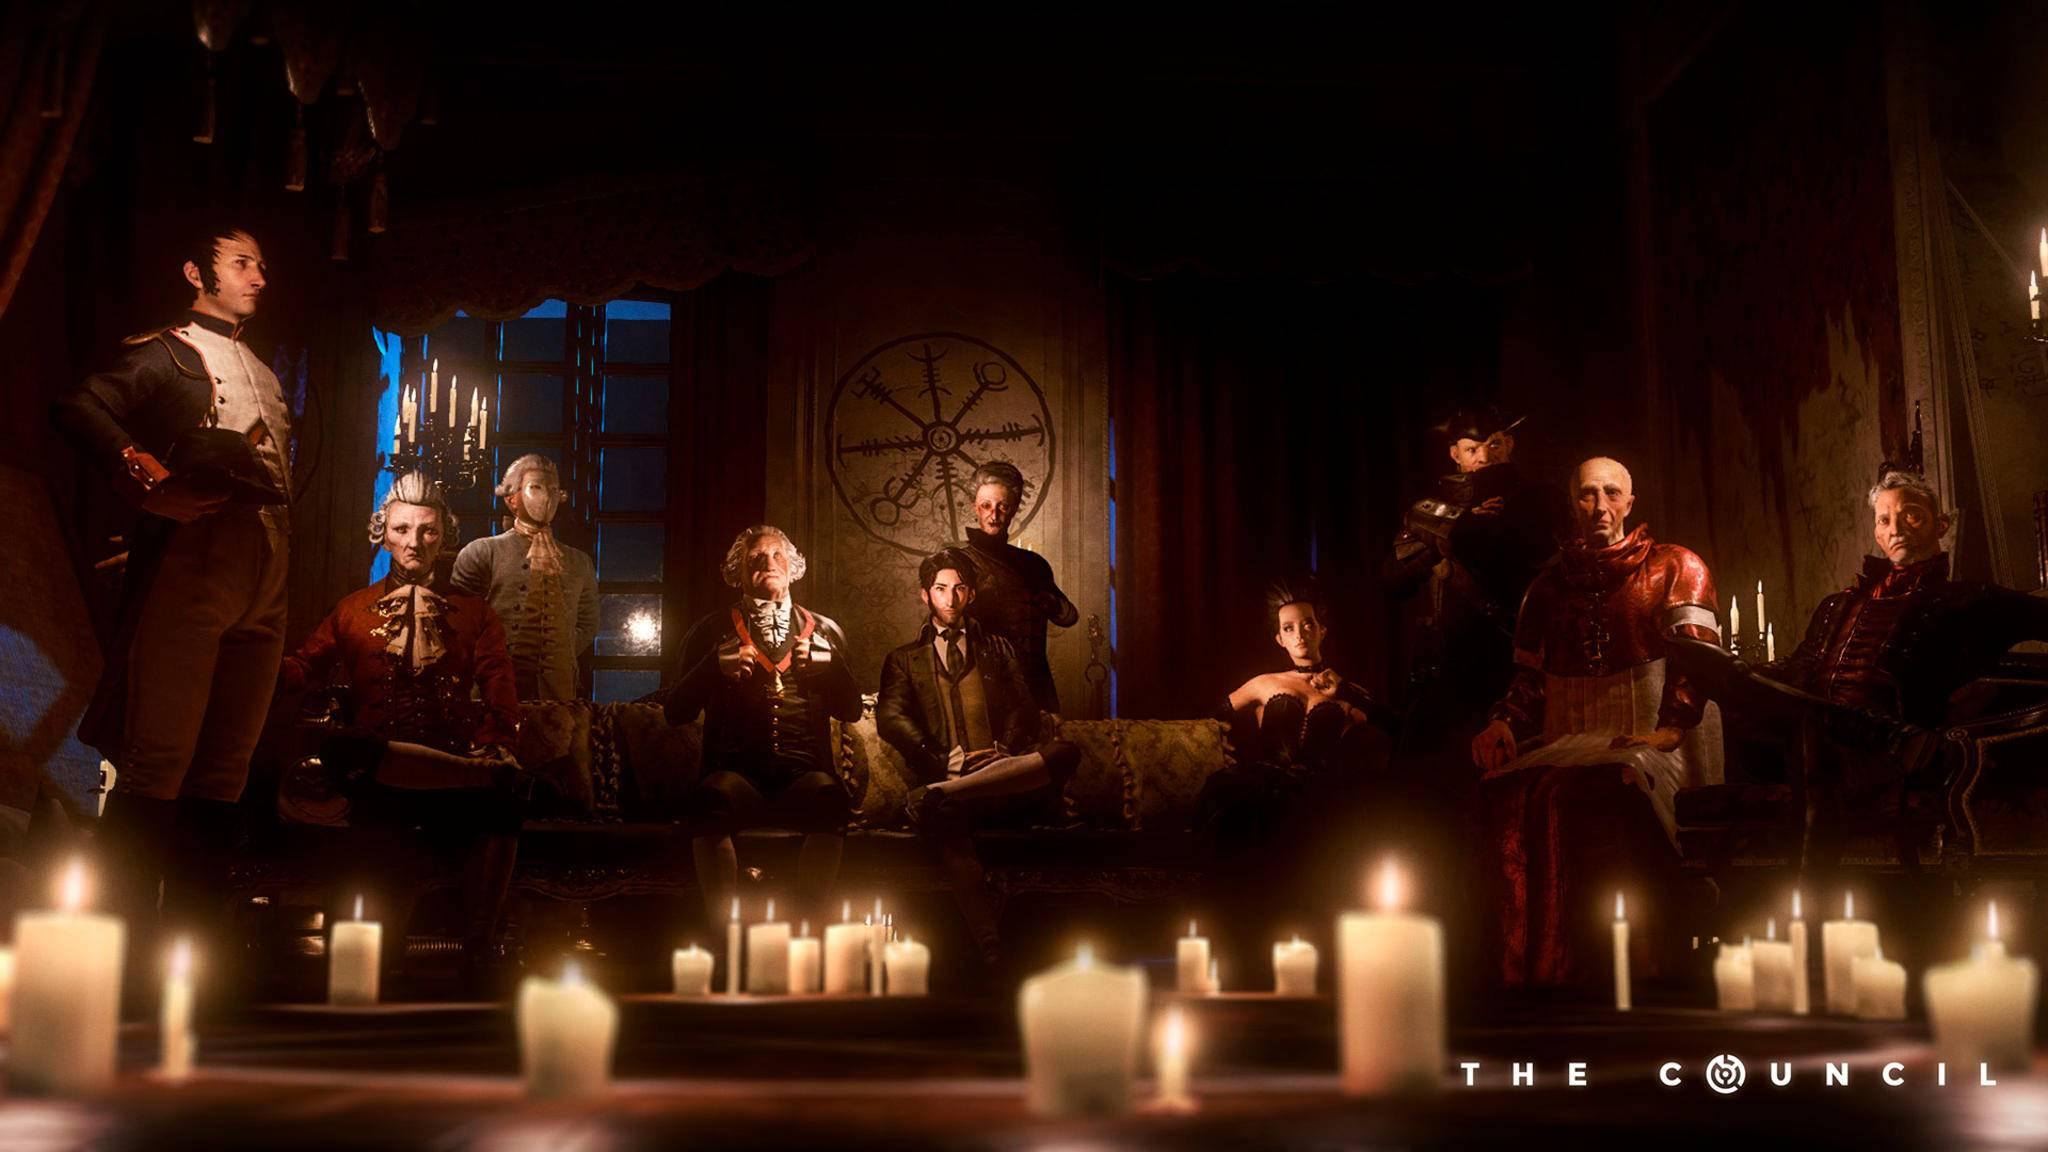 """Flackernde Kerzen, düstere Blicke und zehn mysteriöse Gestalten: Willkommen zu """"The Council""""!"""